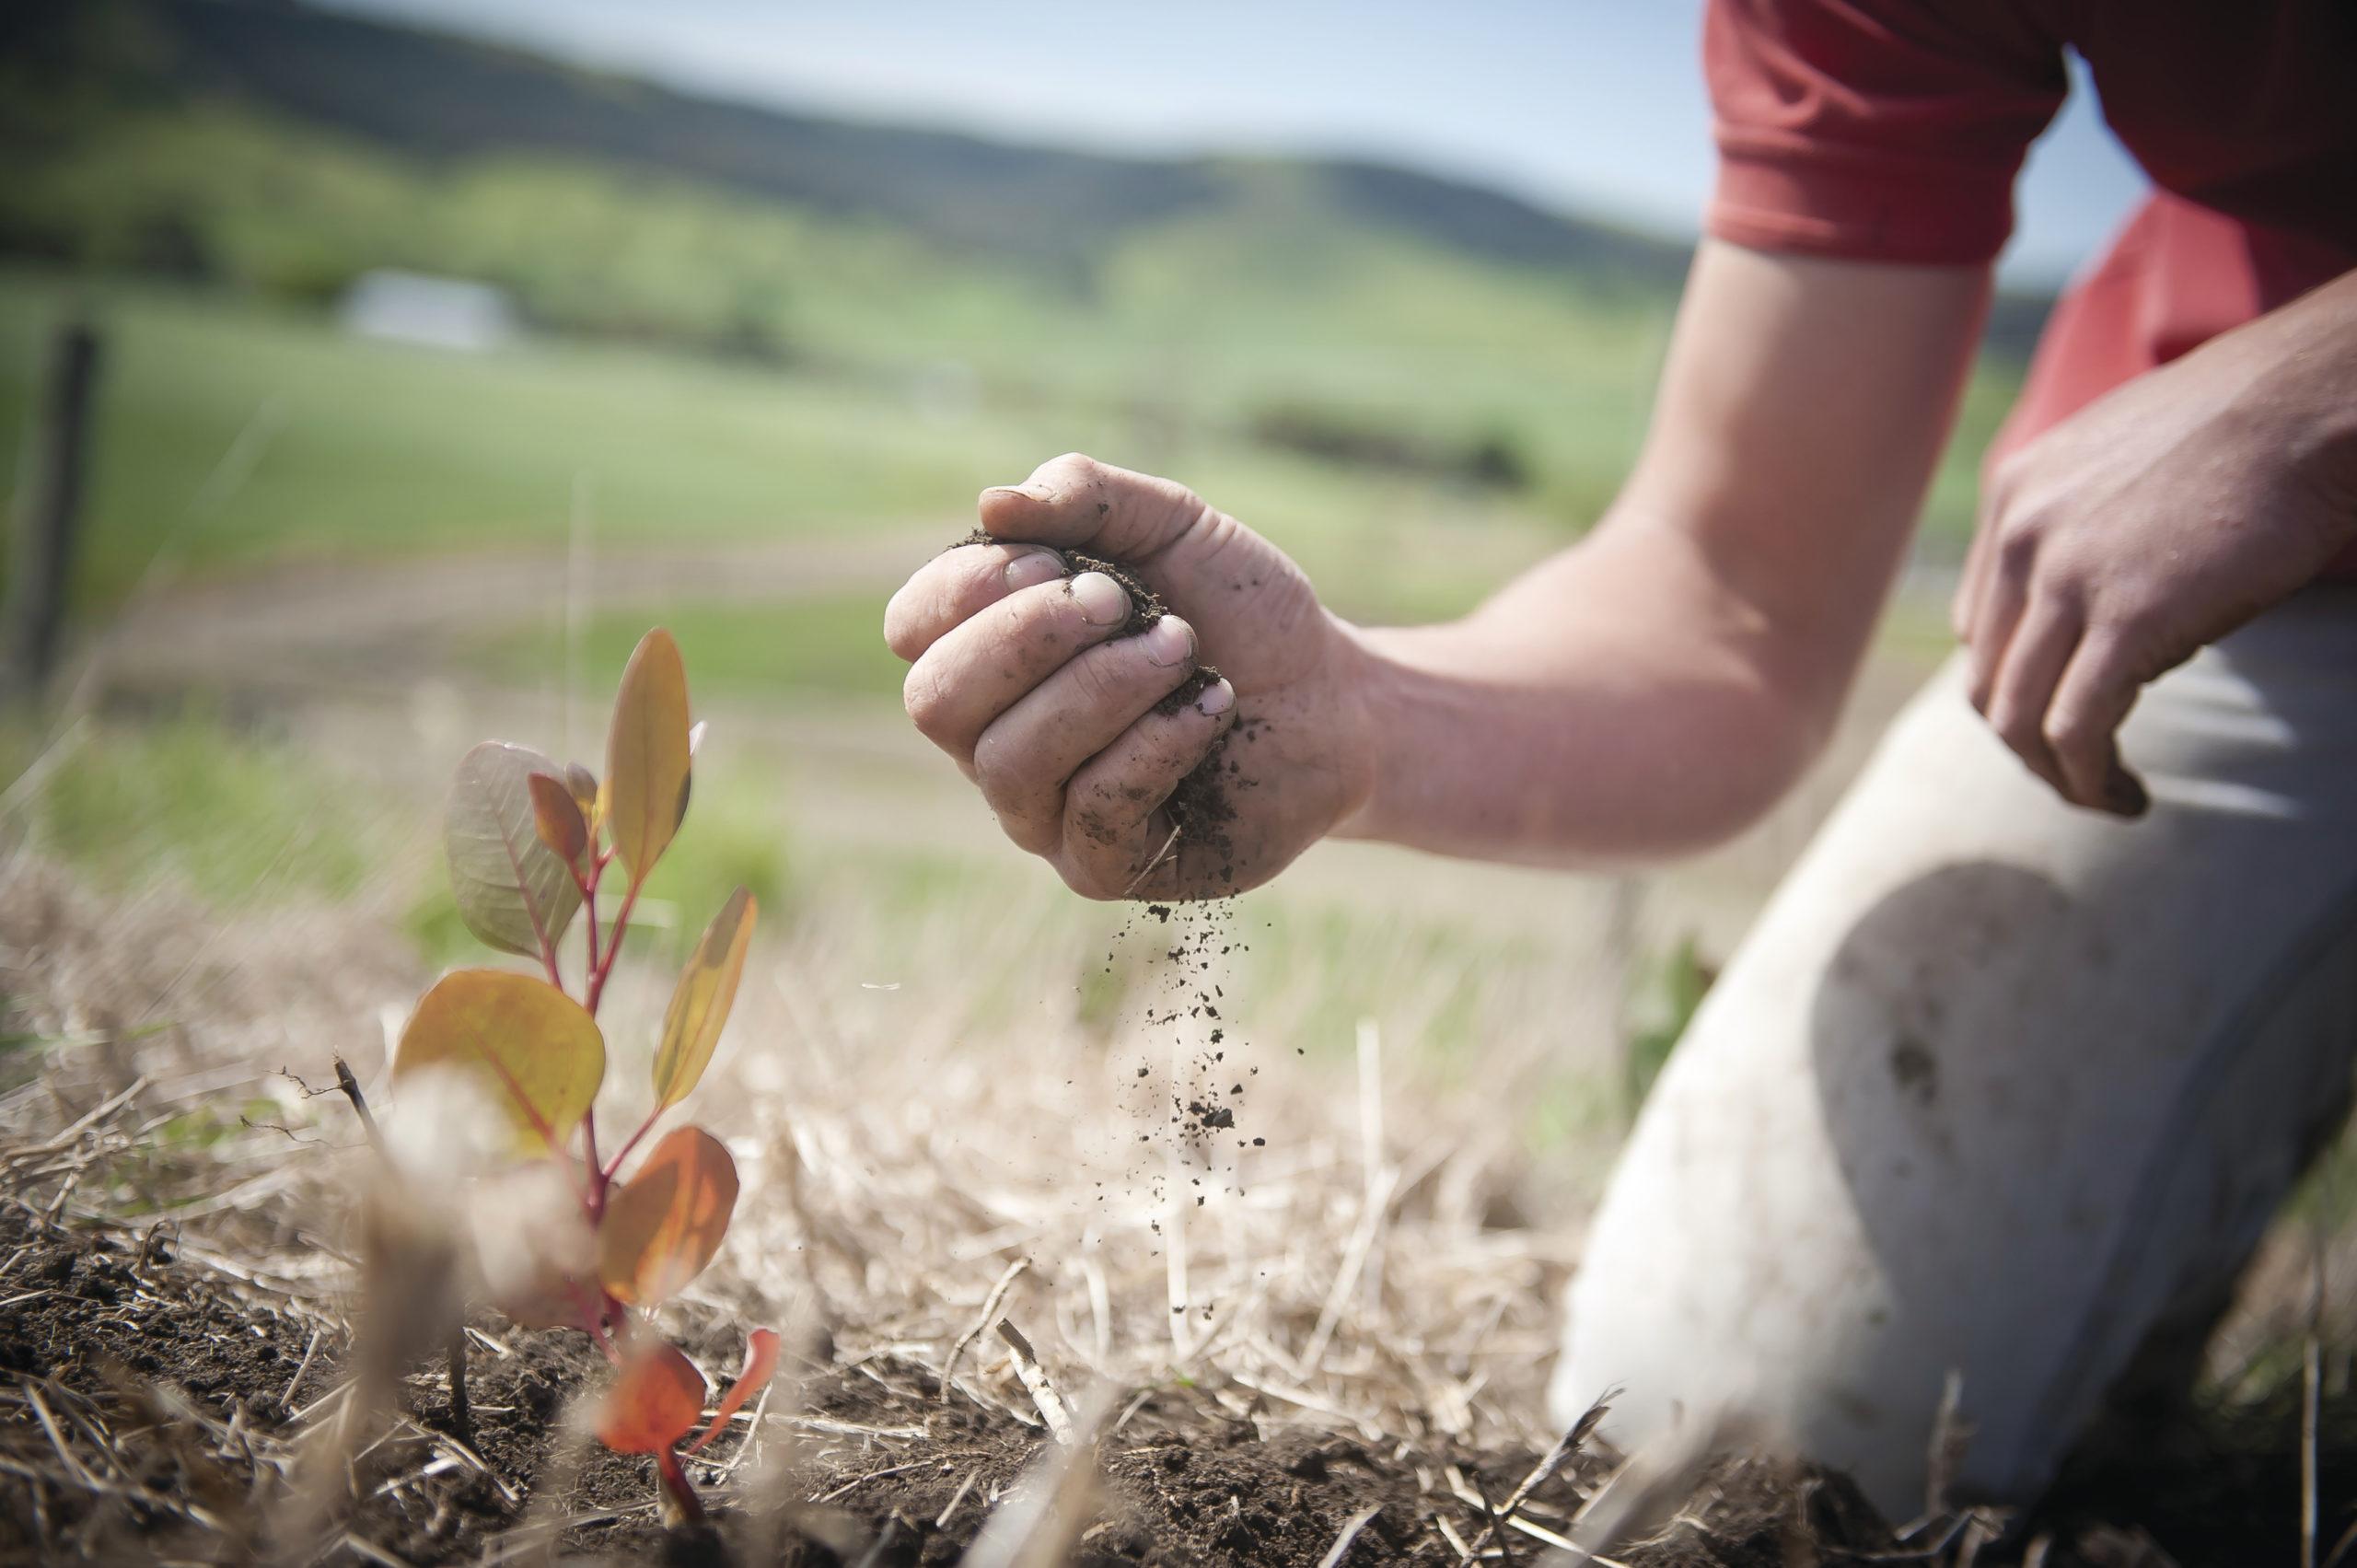 Вертикальные фермеры и органические земледельцы в противостоянии